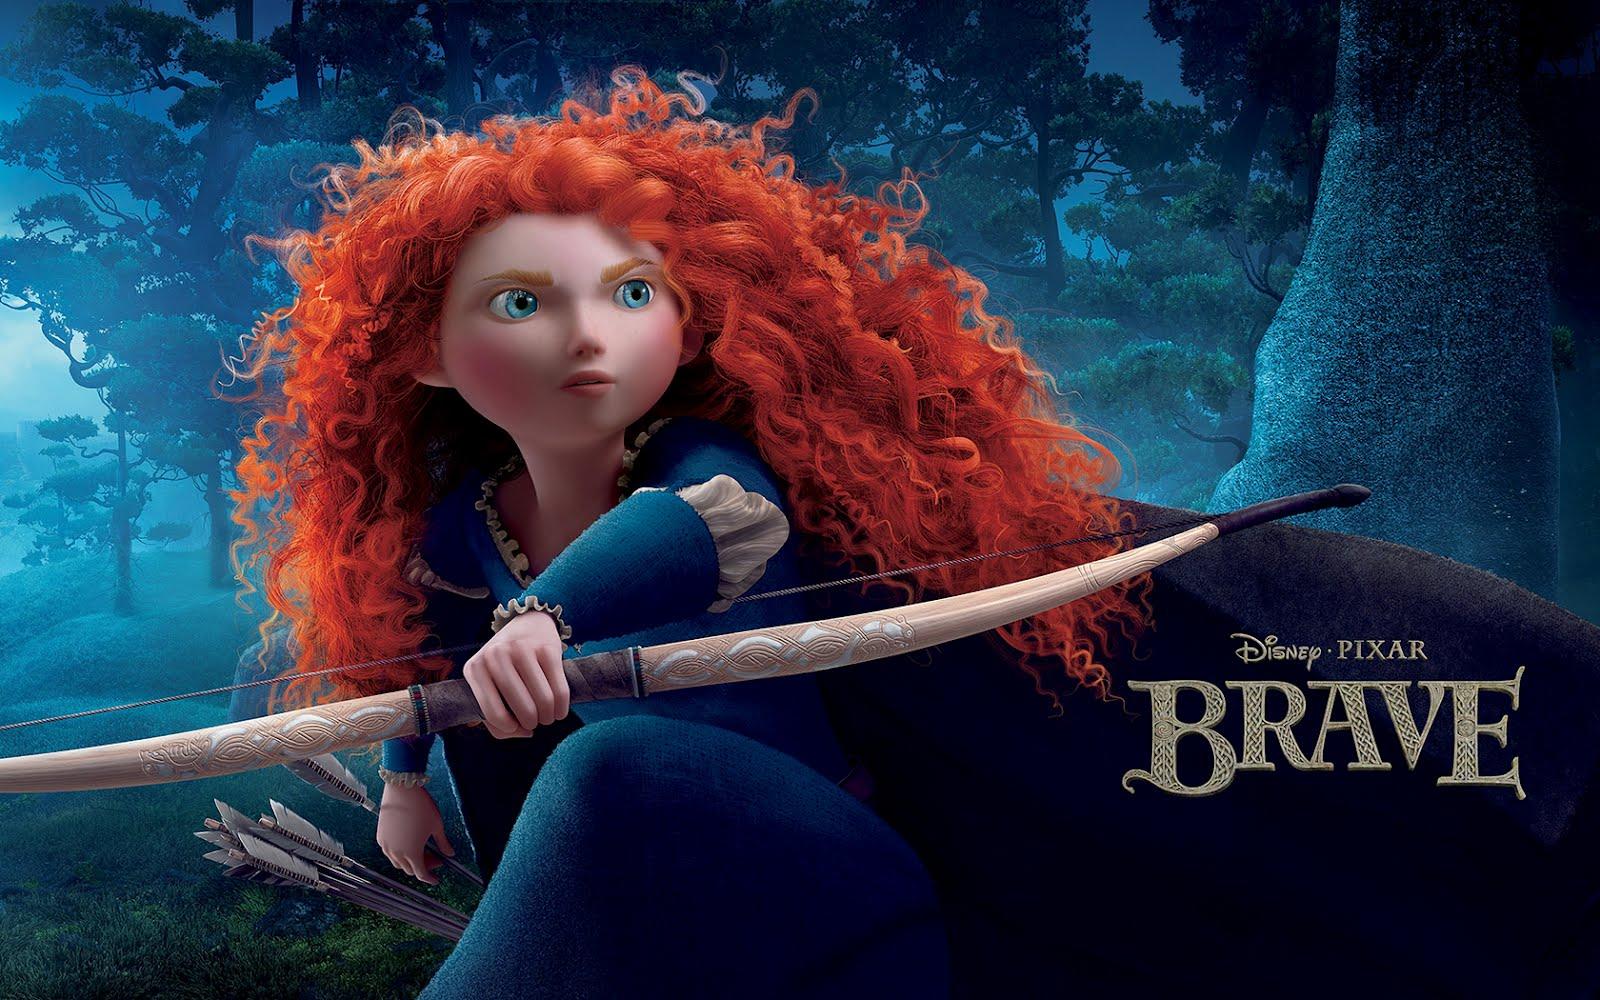 Full Movie Brave Streaming In HD